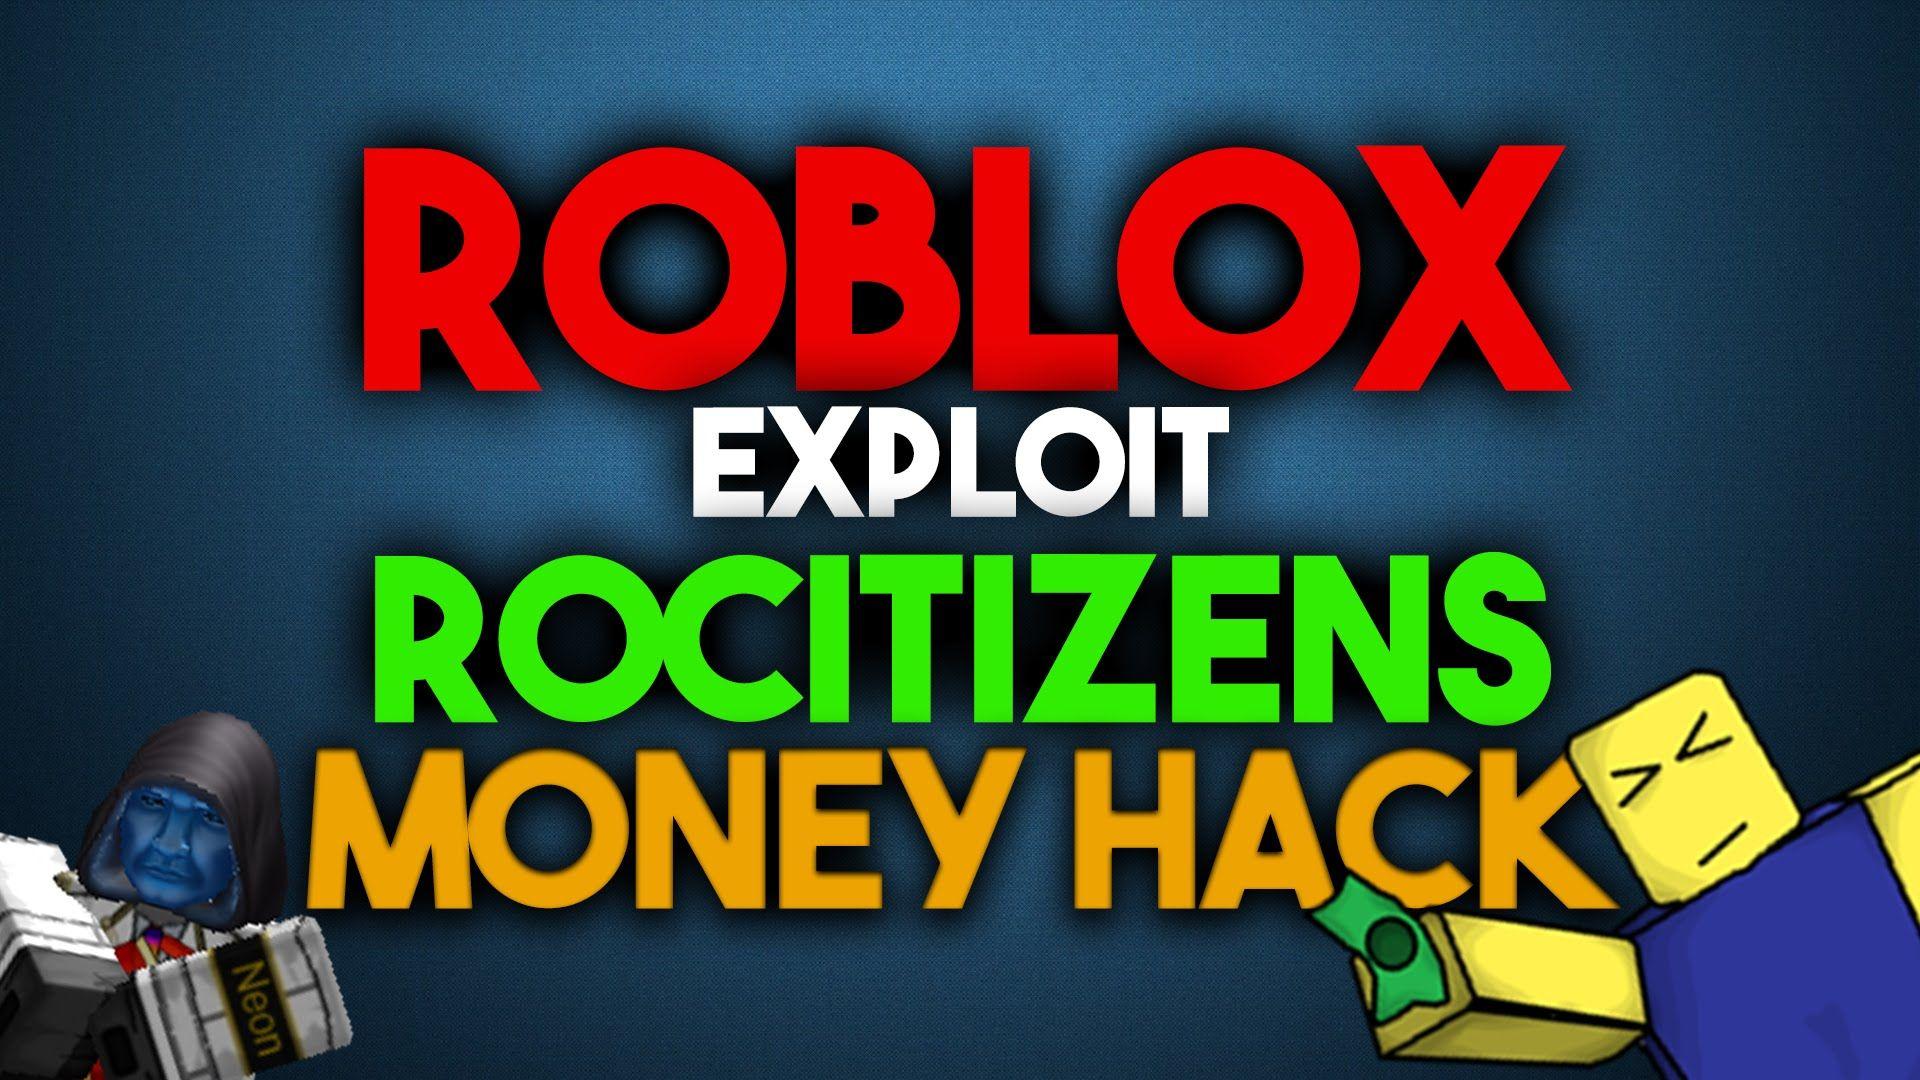 Roblox Exploithack Rocitizens Money Hack New Money - roblox best exploits for mac